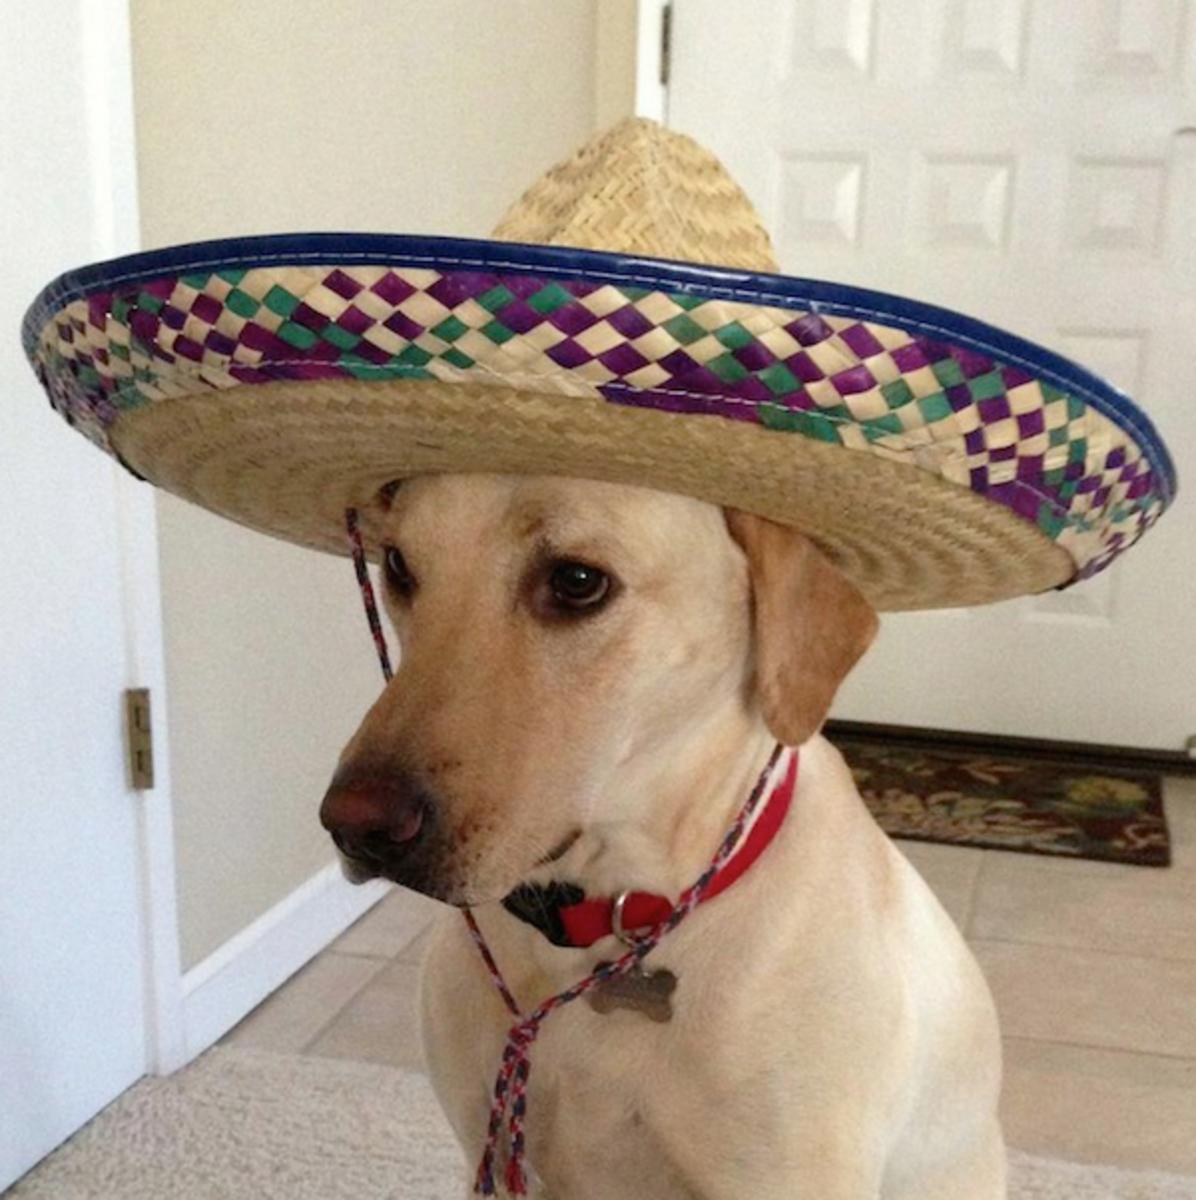 Senior Barks-a-lot with Sombrero